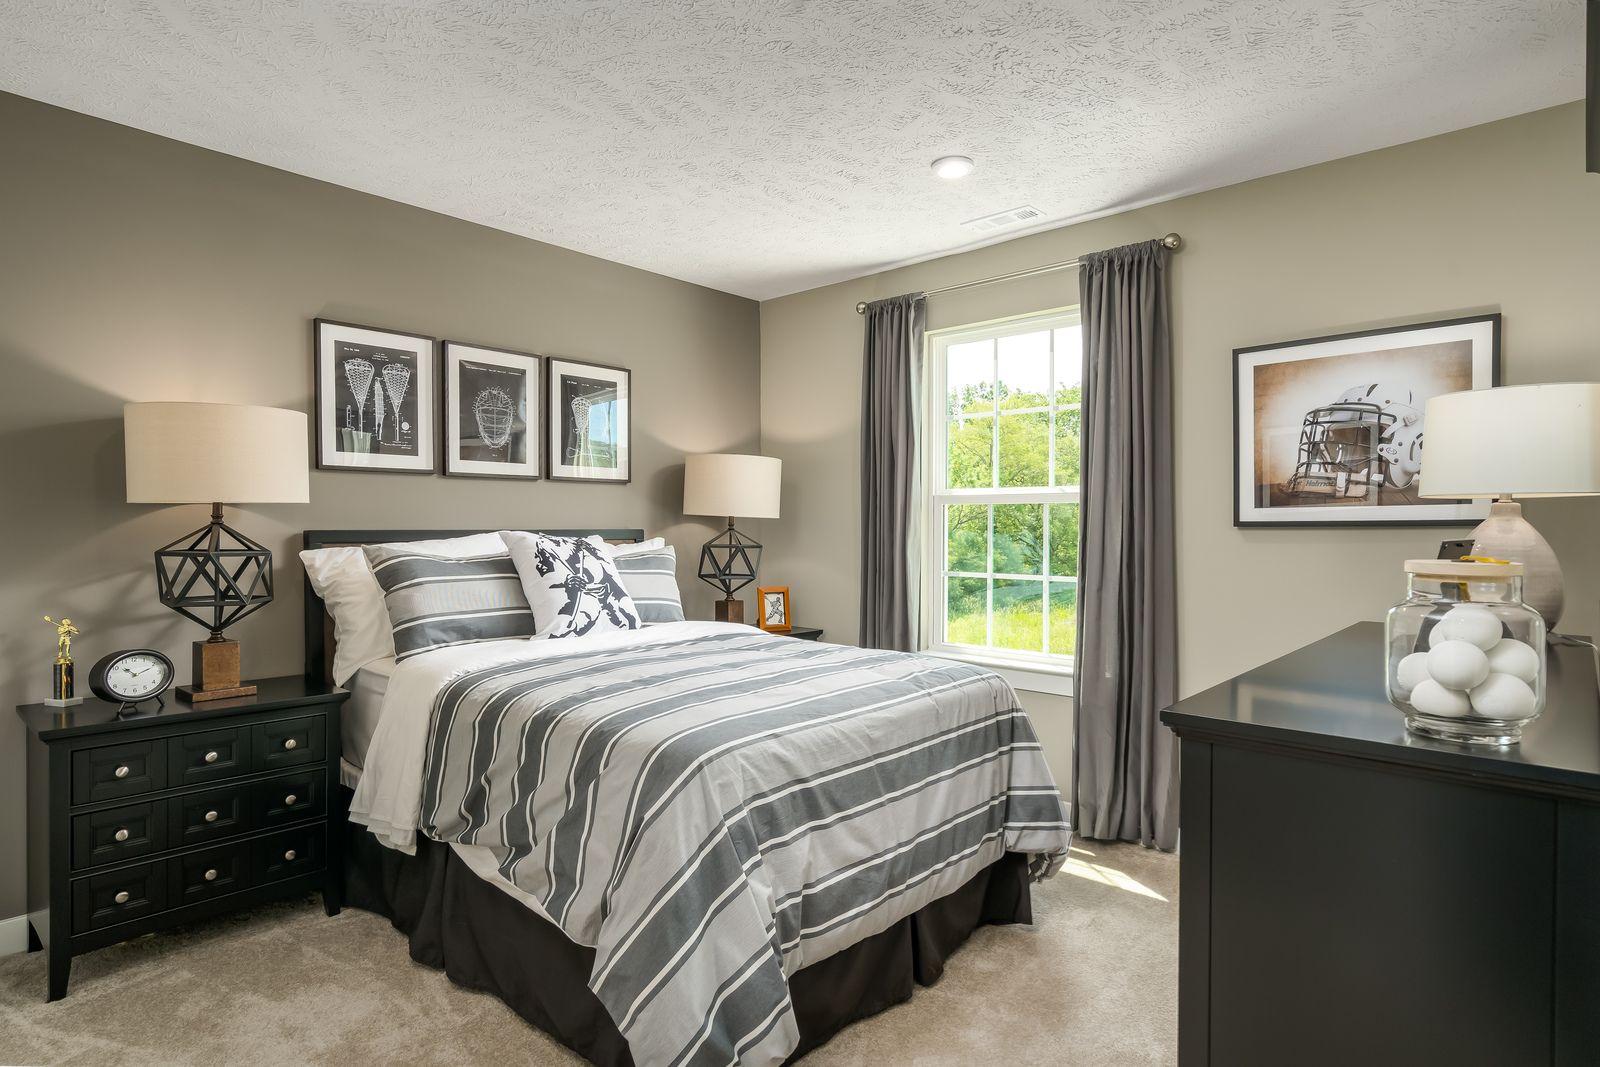 Bedroom featured in the Bateman By HeartlandHomes in Morgantown, WV